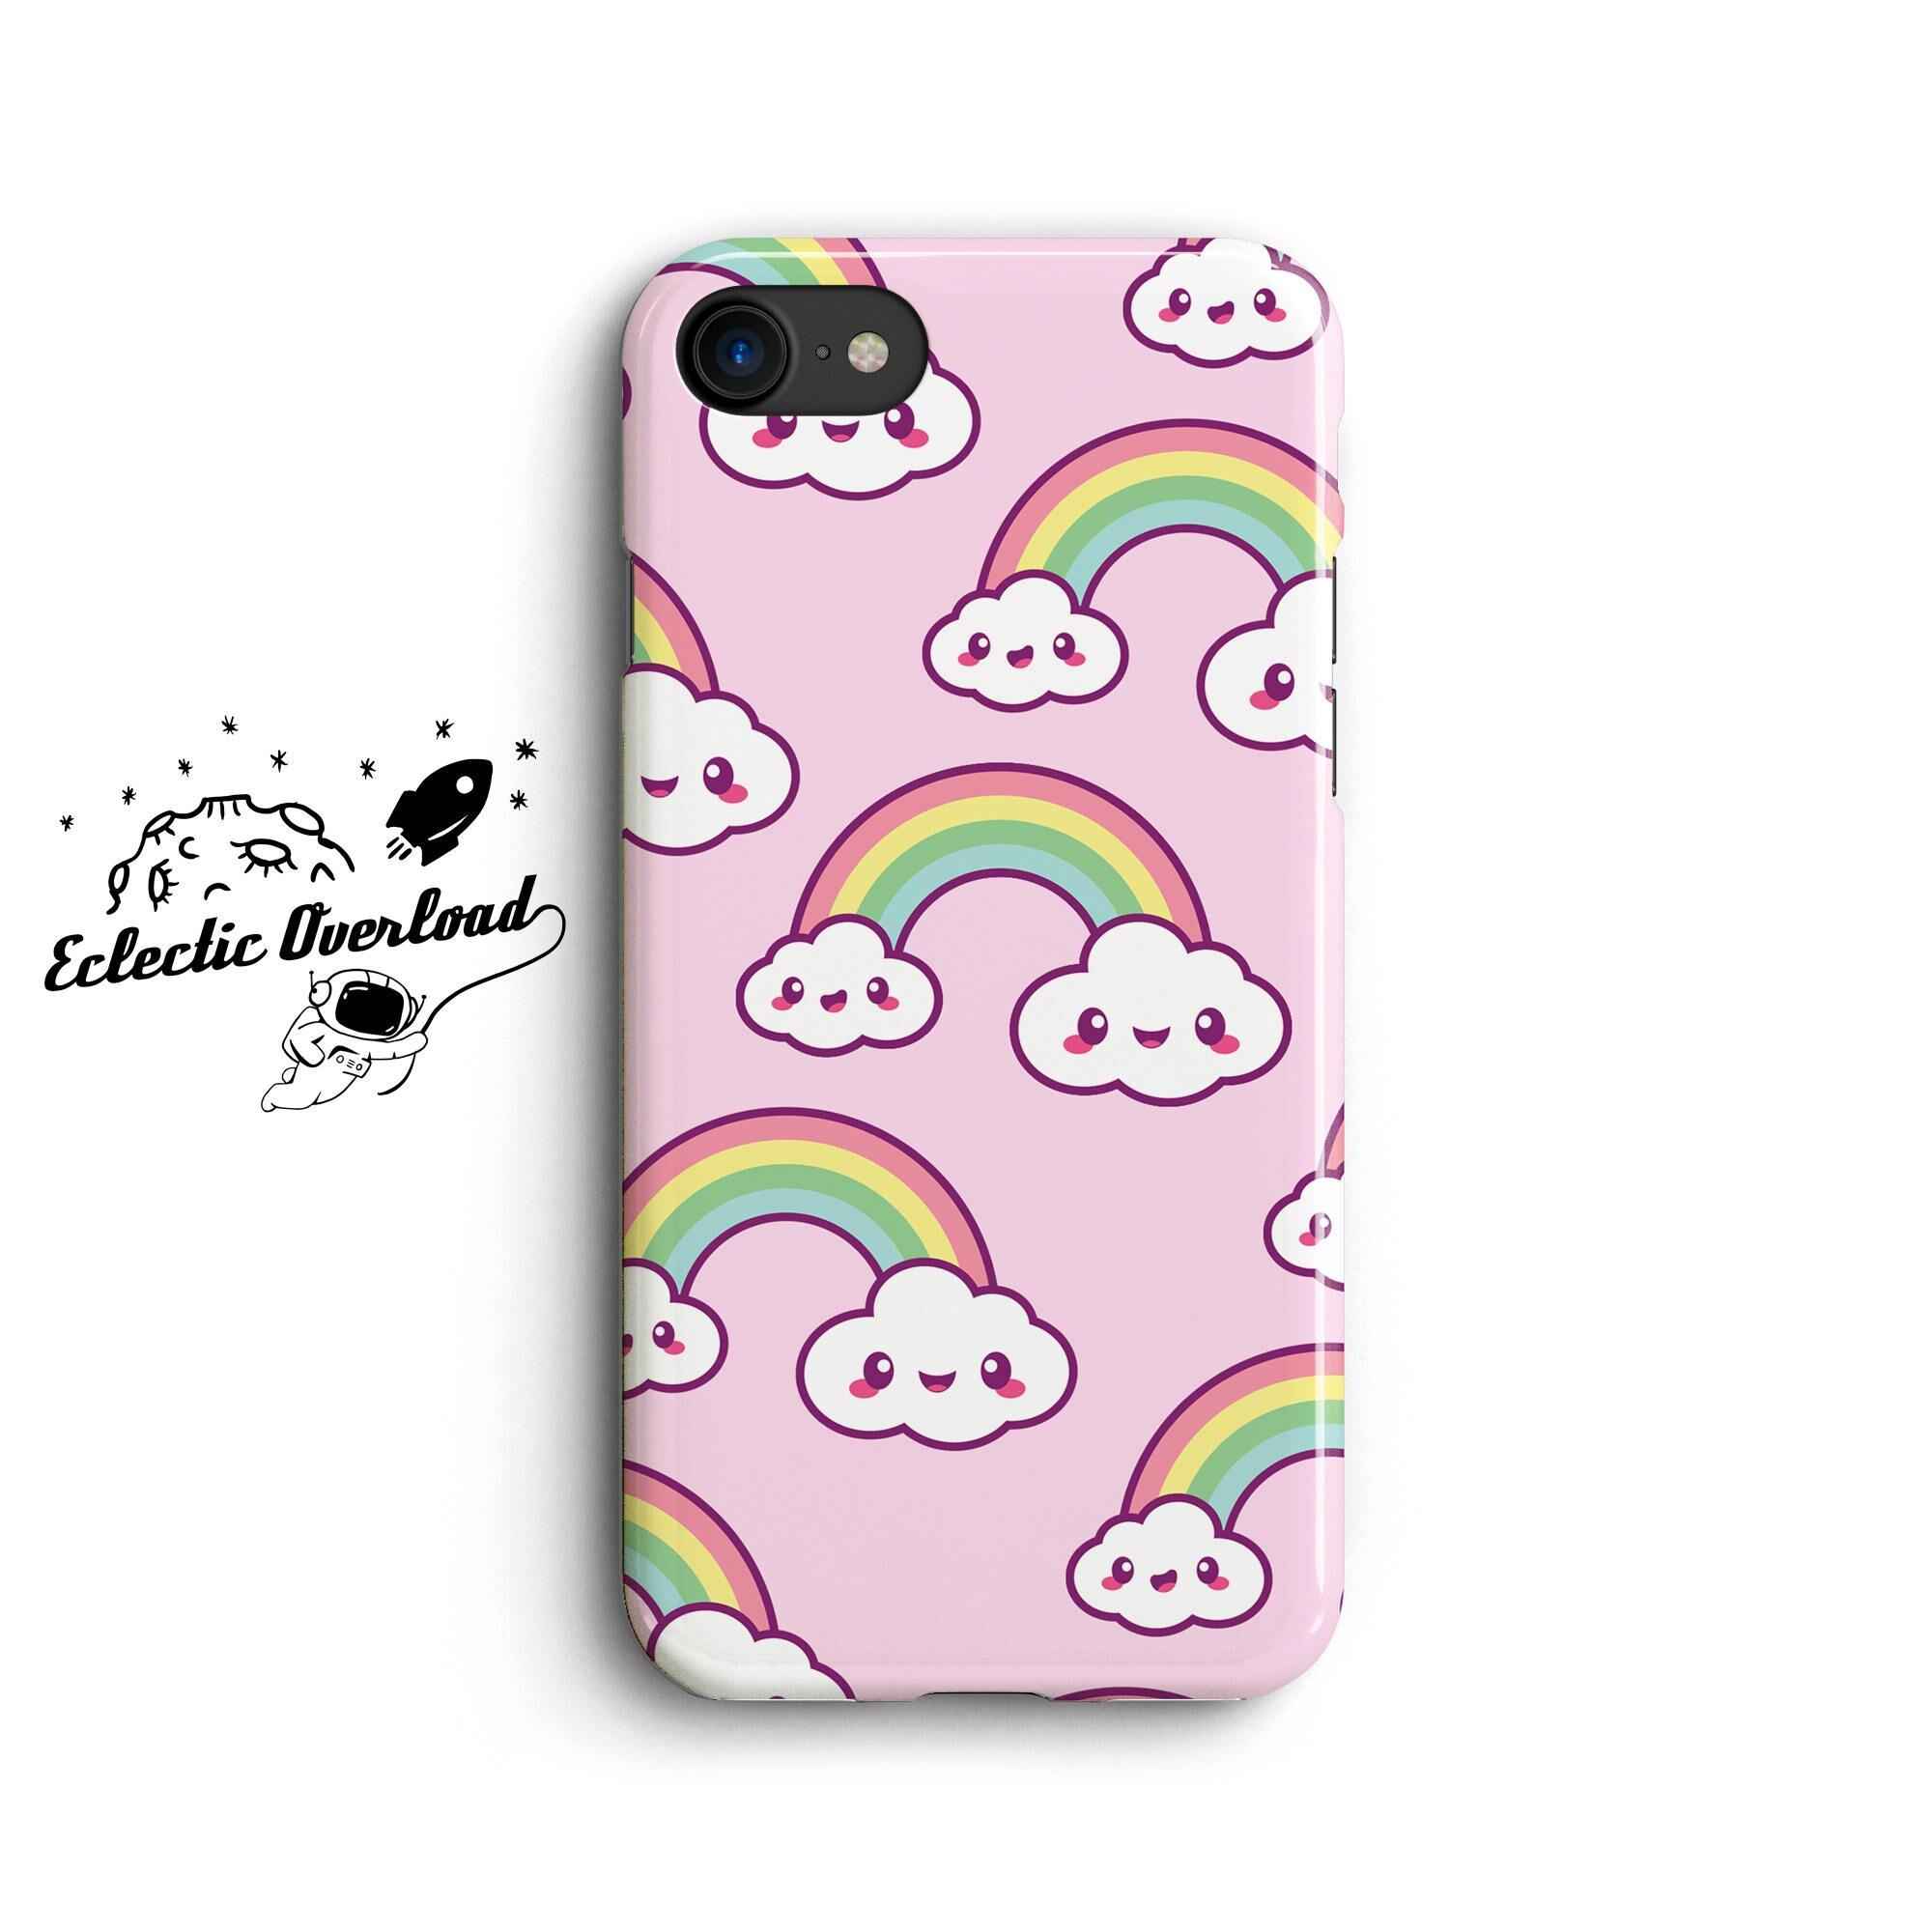 gothic iphone 8 case